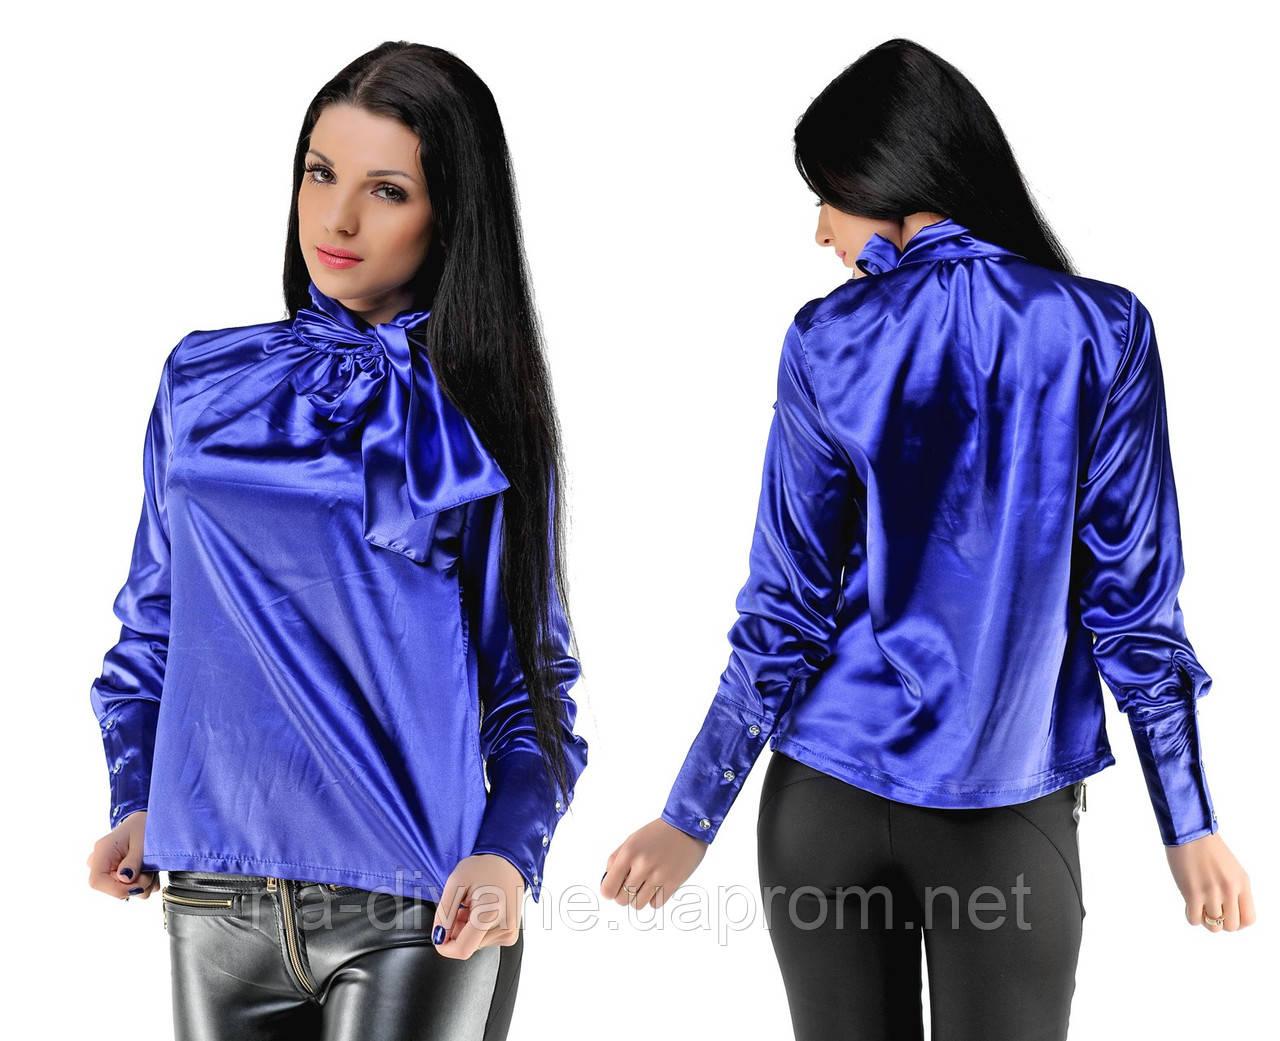 d58b69332c9 Атласная блузка 21-5149 - Женская